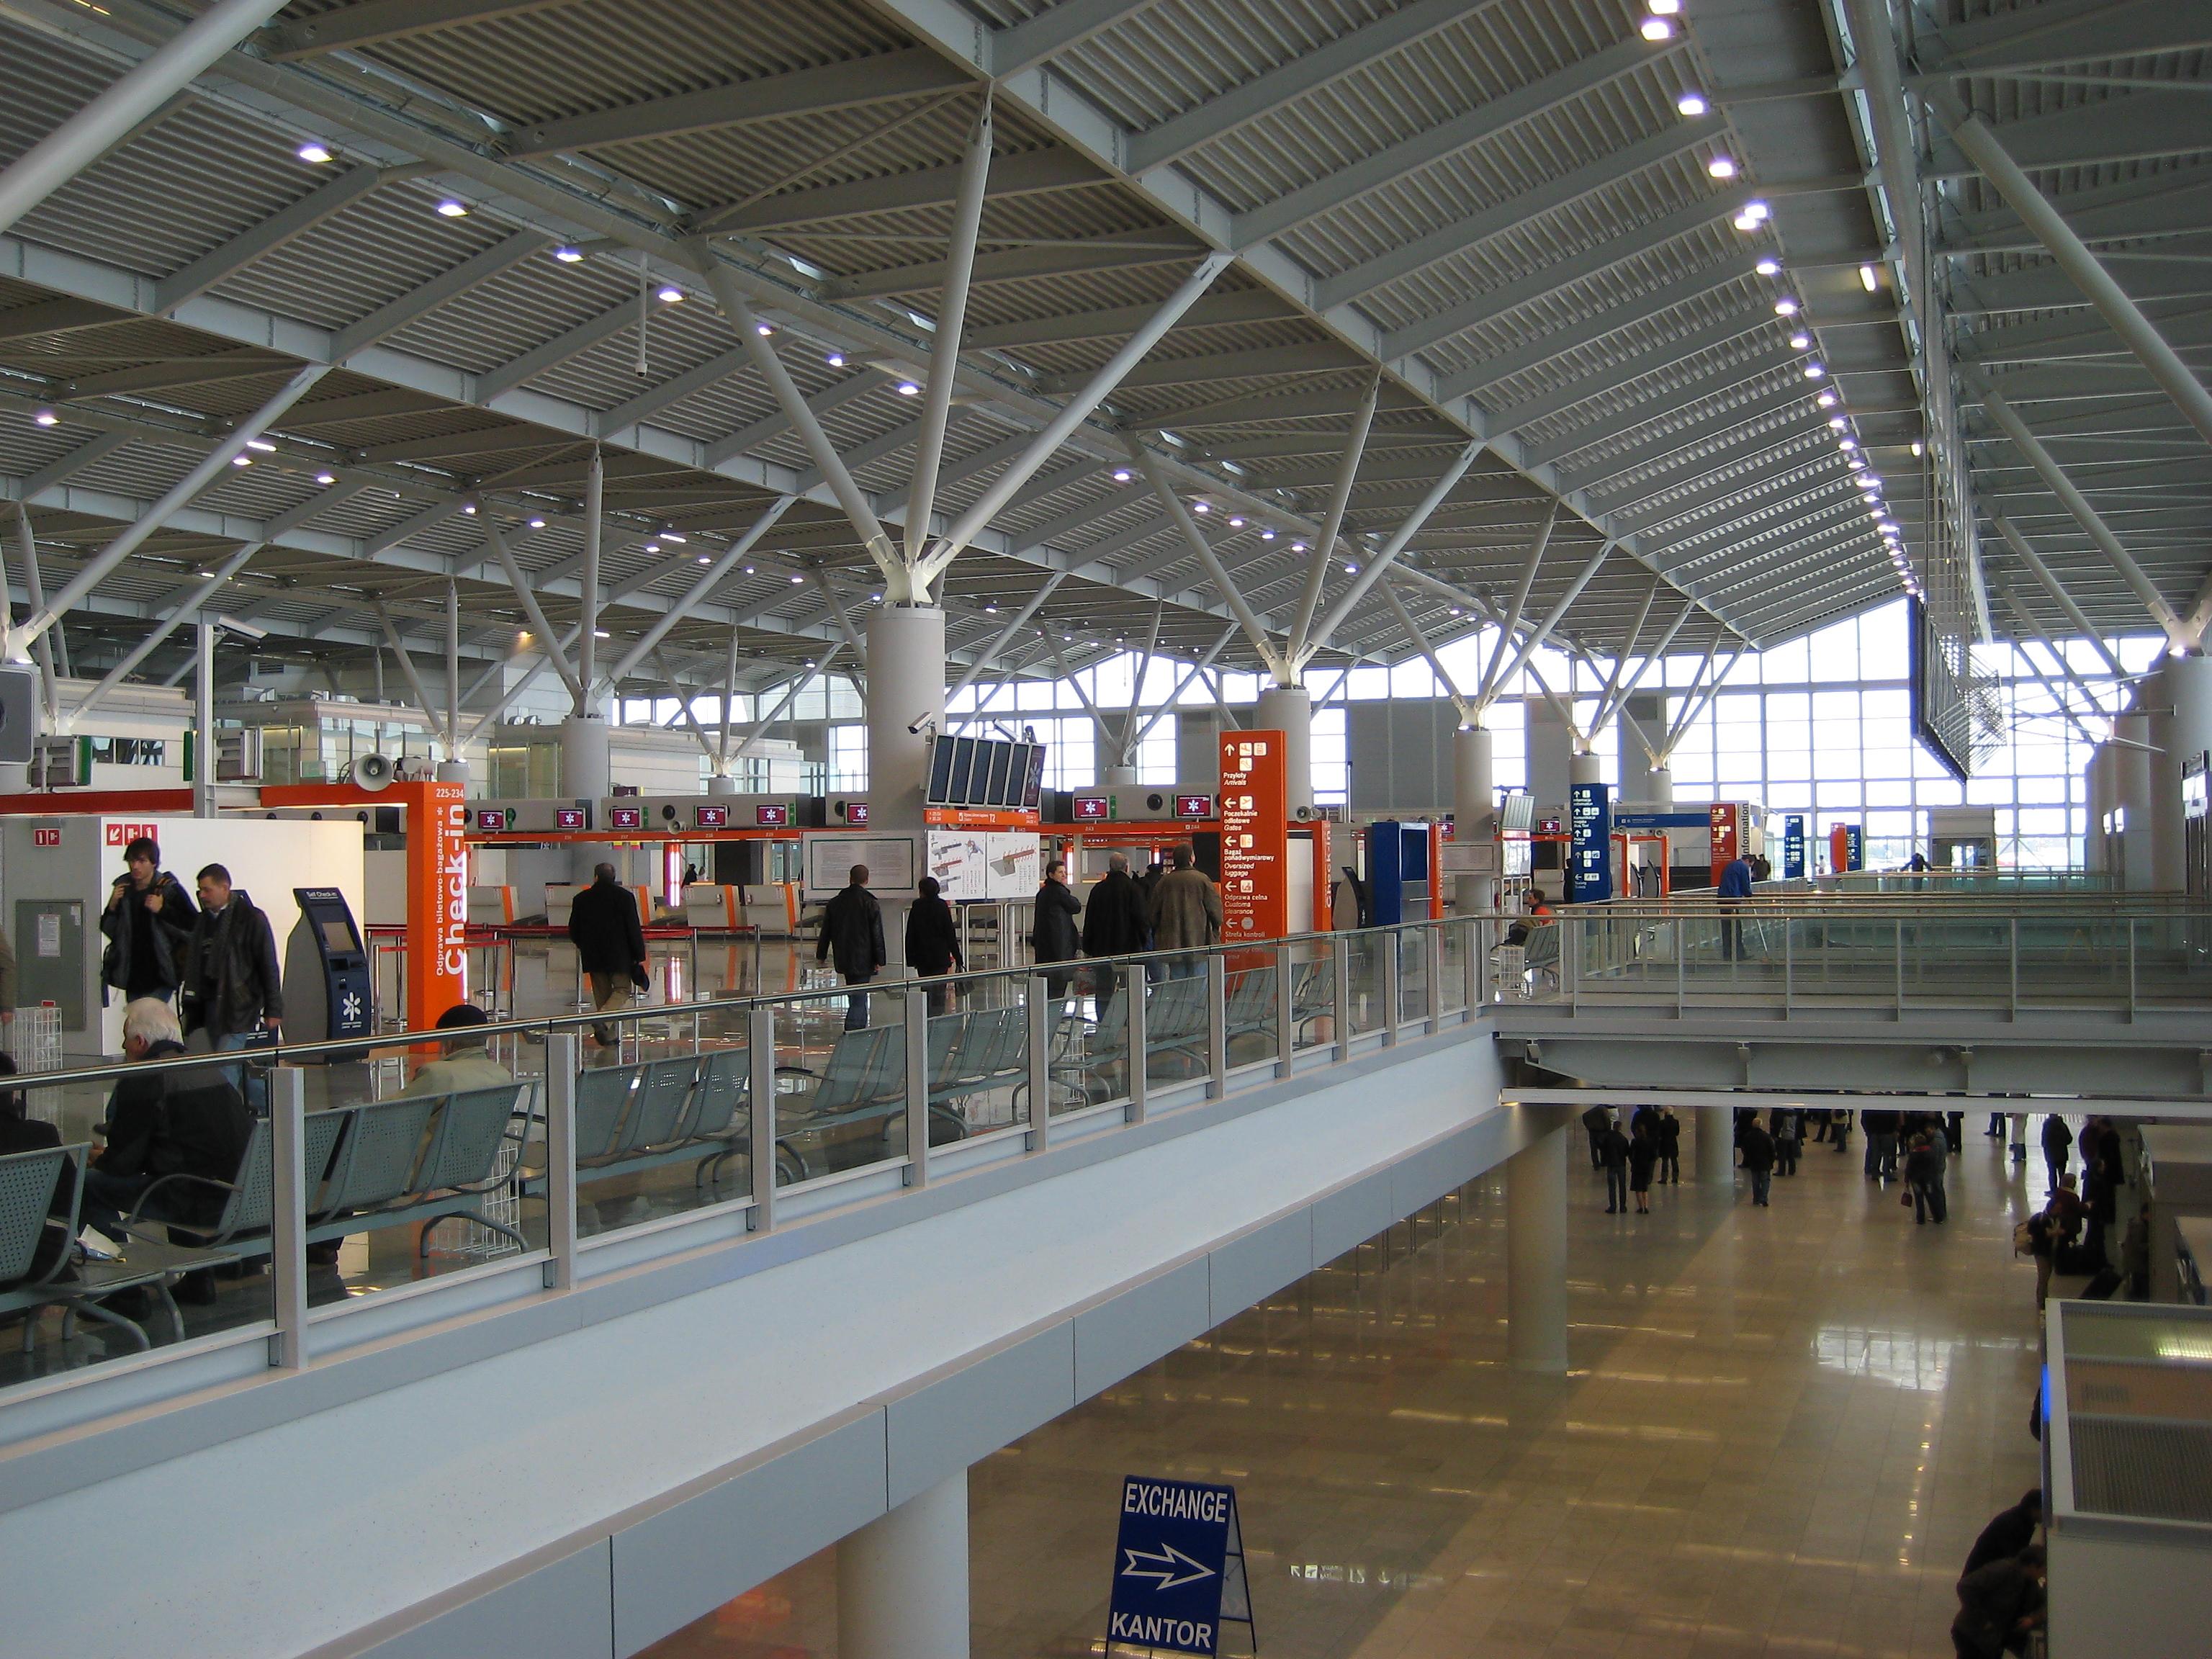 Flughafen Frederic Chopin in Warschau, Terminal 2, Foto: Kescior, CC-BY-SA-3.0,2.5,2.0,1.0